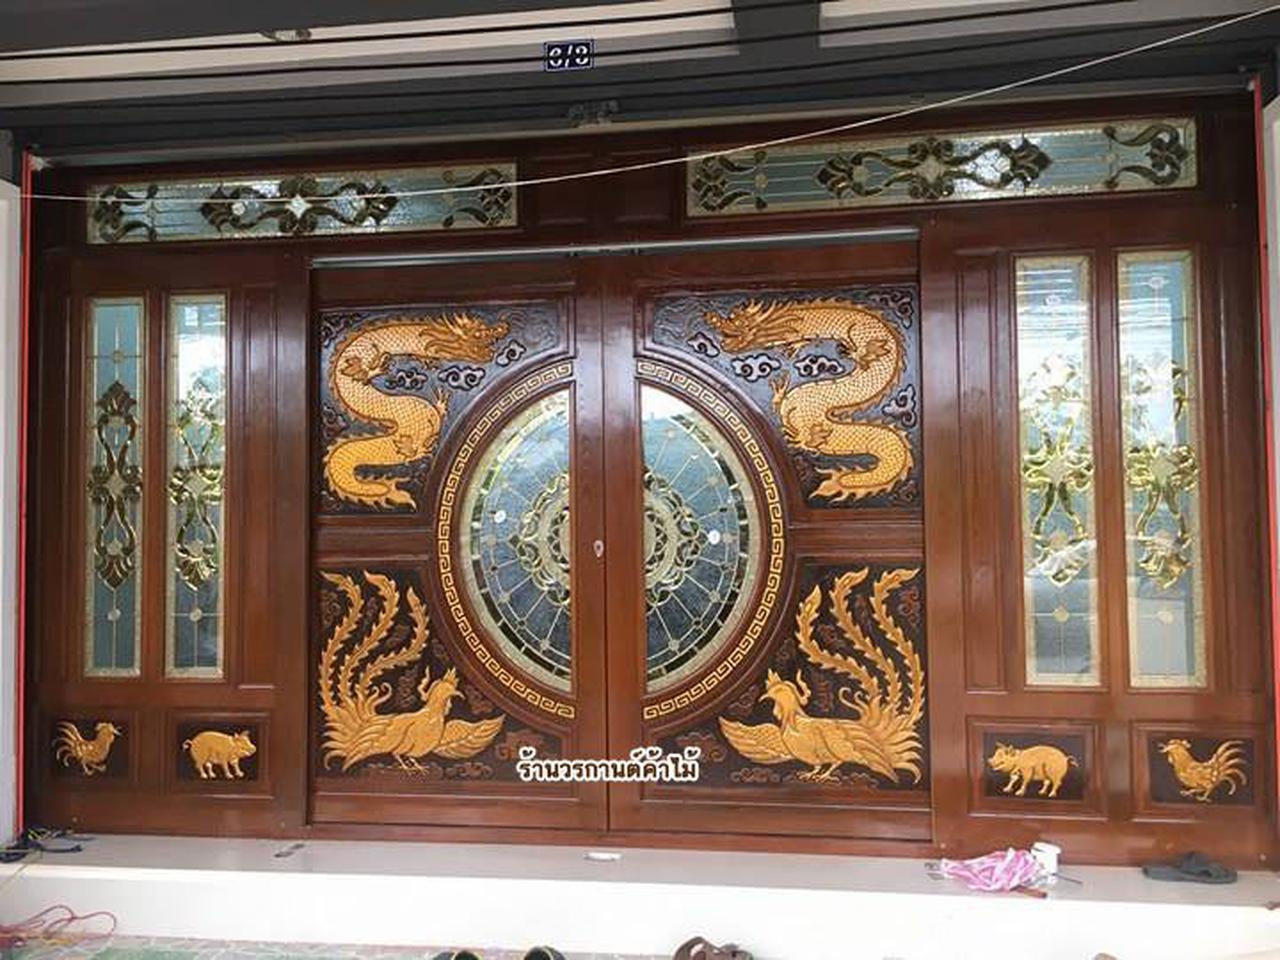 ร้านวรกานต์ค้าไม้ จำหน่าย ประตูไม้สัก,ประตูไม้สักกระจกนิรภัย,ประตูไม้สักบานเลื่อน ประตูไม้สักบานคู่ ประตูไม้สักบานเดี่ยว รูปที่ 1